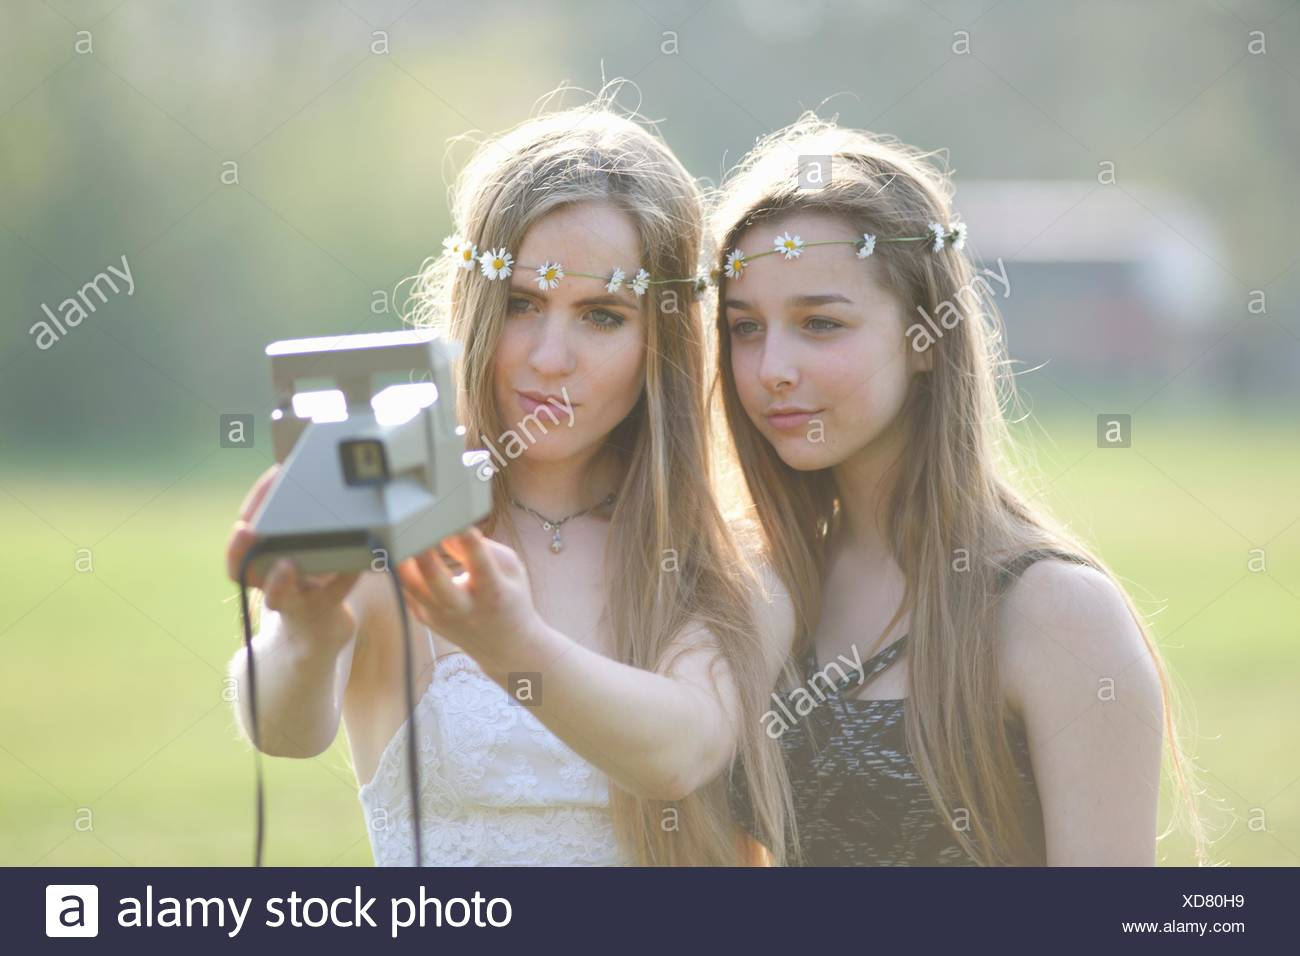 Dos chicas adolescentes en estacionamiento teniendo cámara instantánea selfie Foto de stock